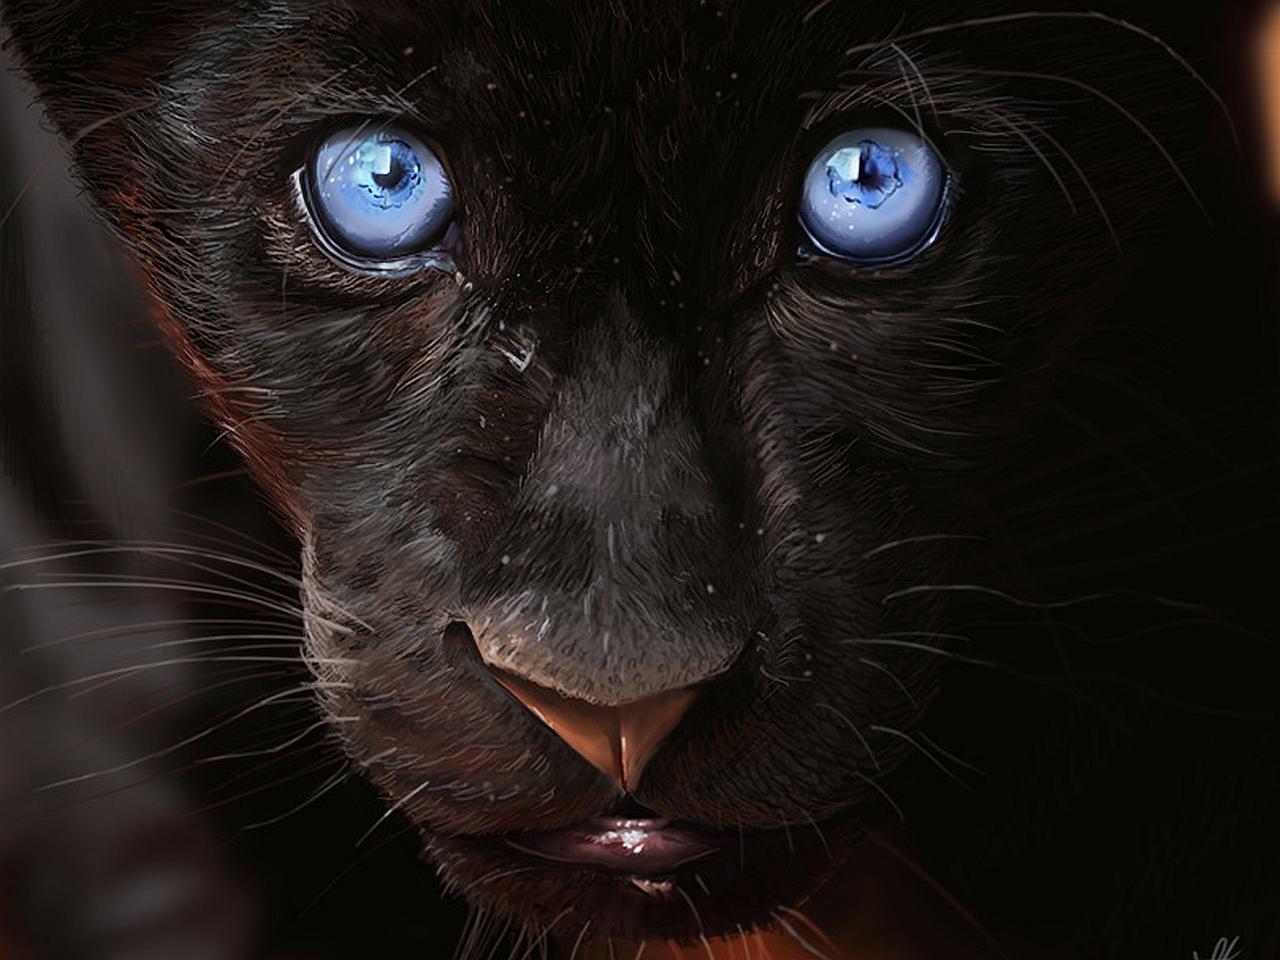 годы картинка глаза пантеры с голубыми глазами думаю вас